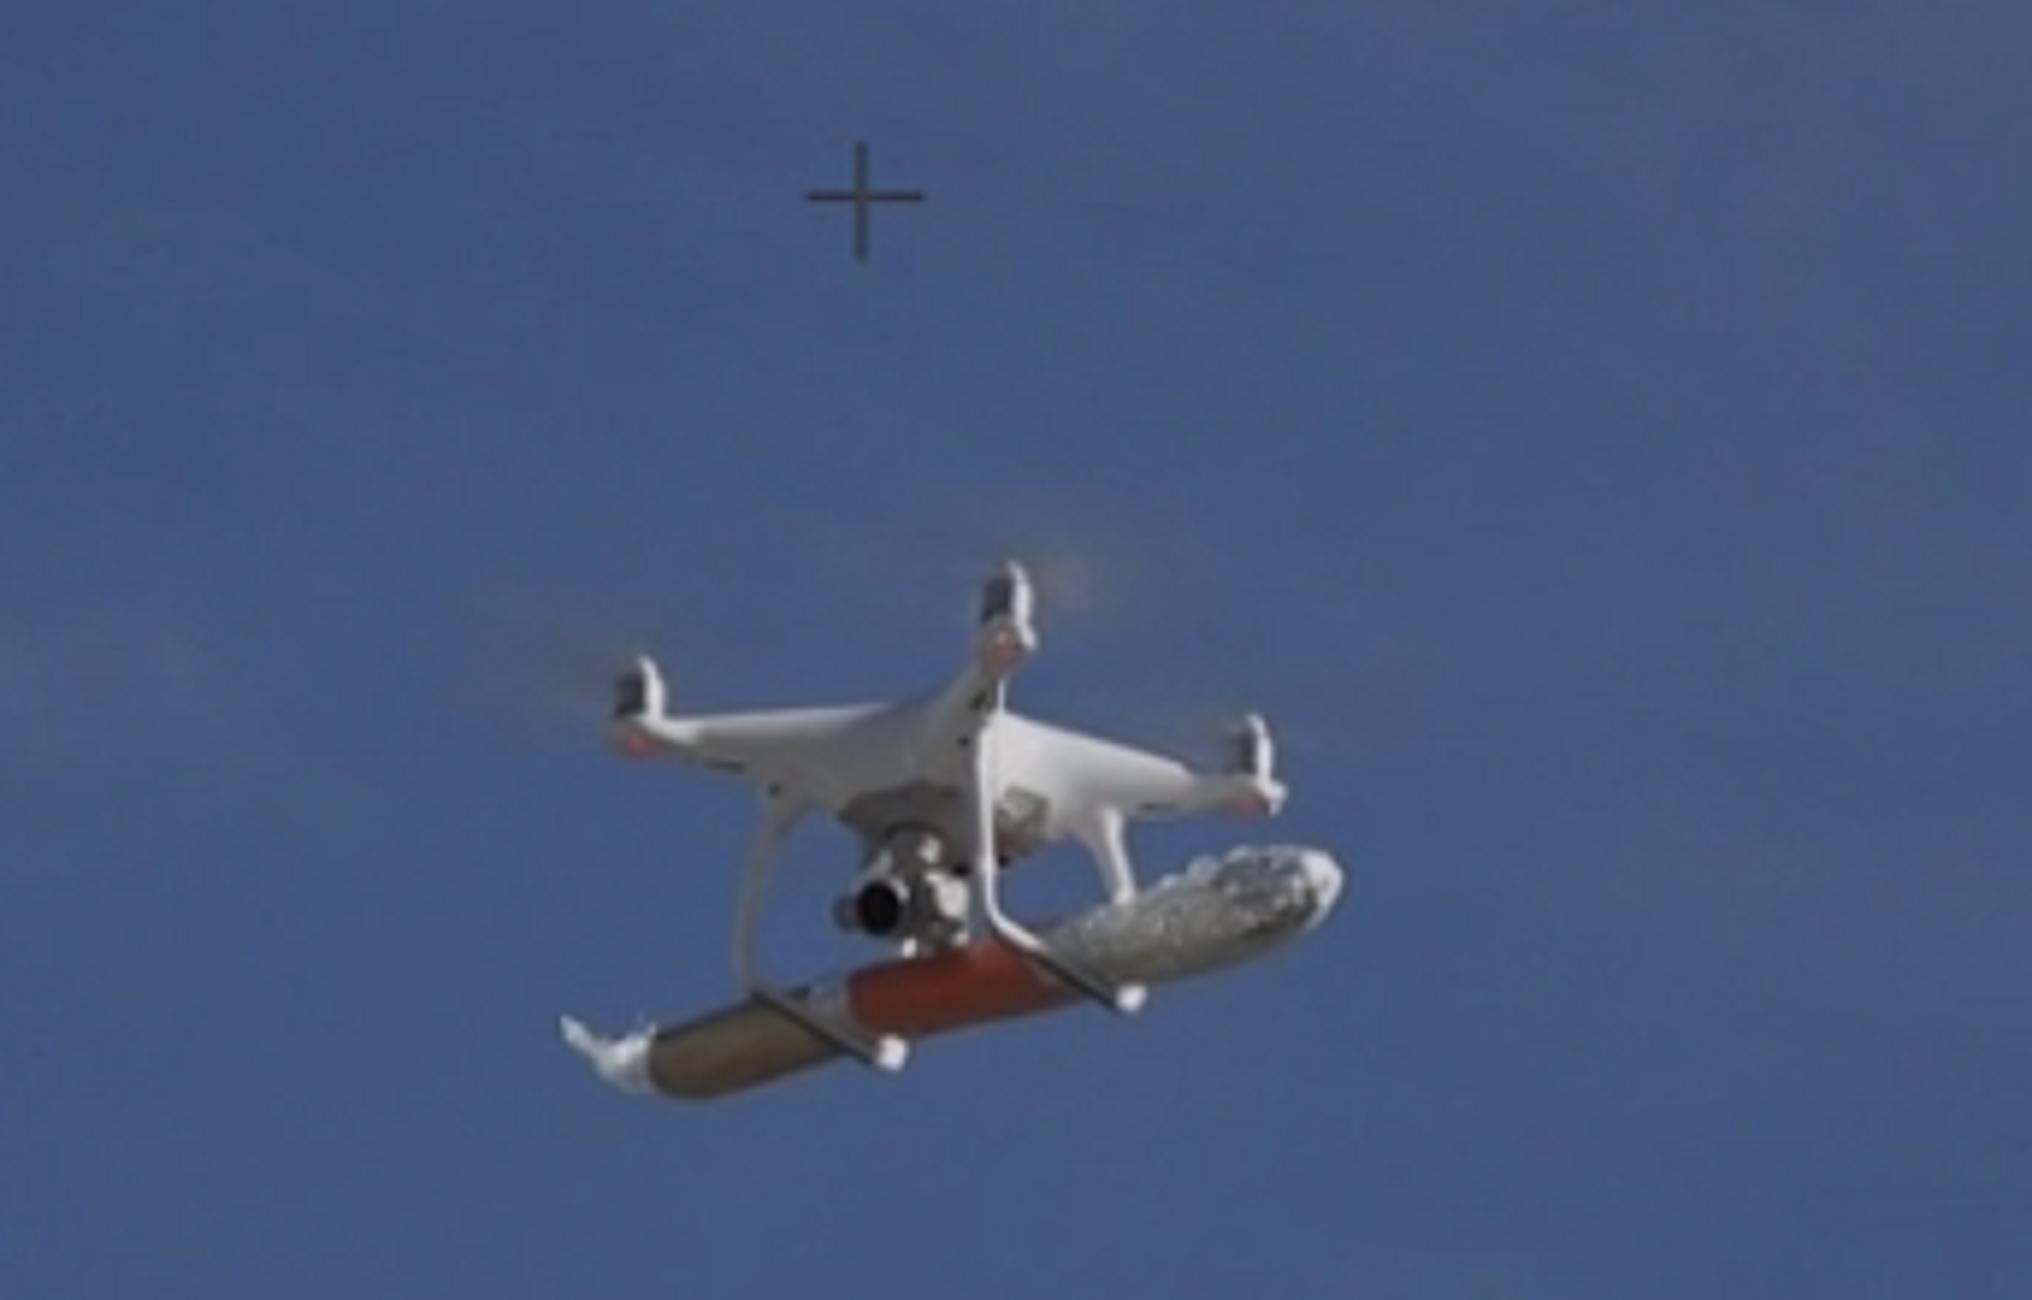 Μύκονος: Γιατί φαντάζεστε ότι σηκώθηκε αυτό το drone; Εικόνες που εκπλήσσουν εν μέσω κορονοϊού (video)